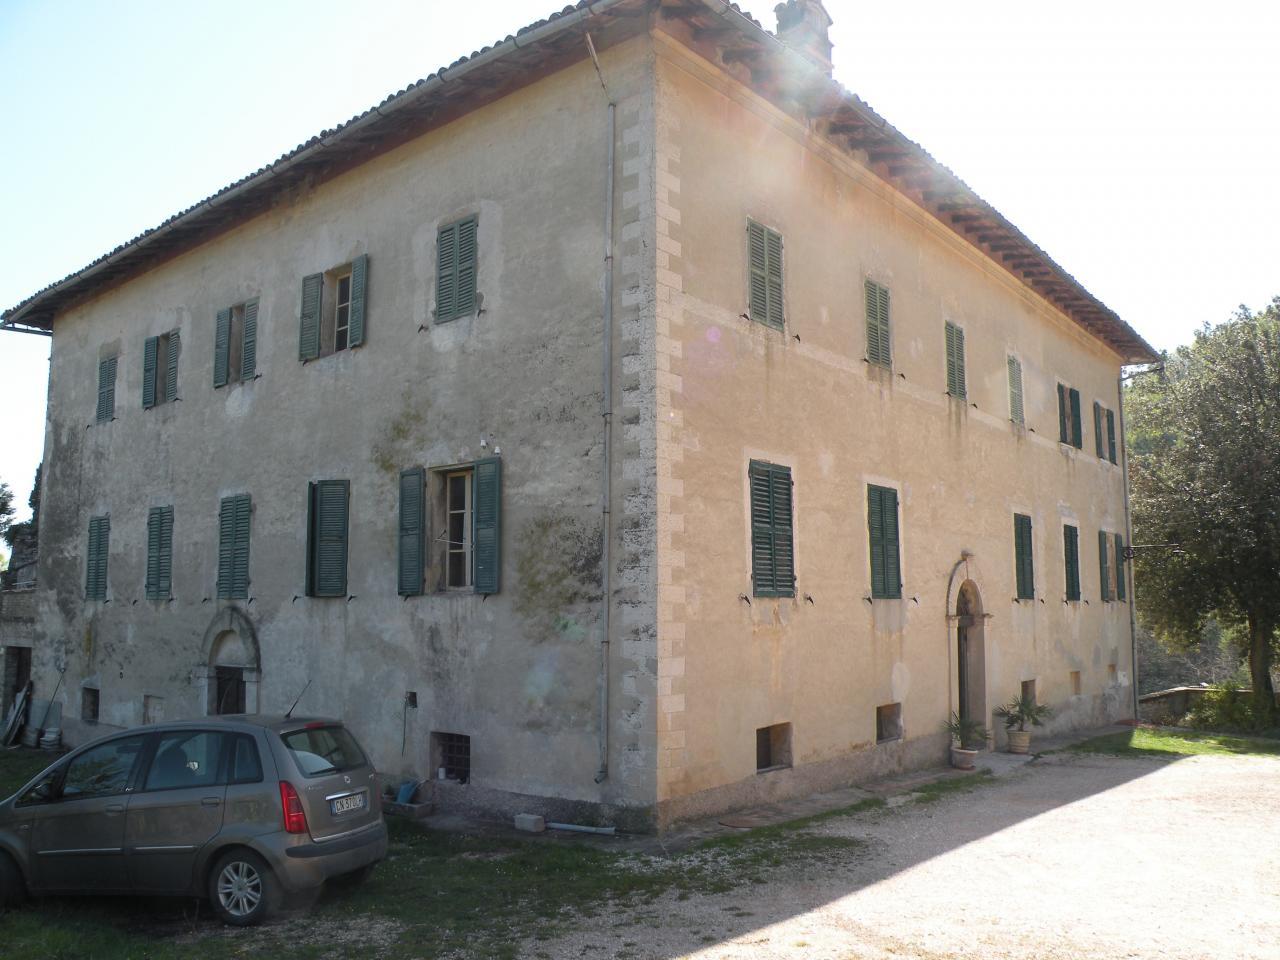 Castello/Torre in vendita a Serrapetrona (MC)